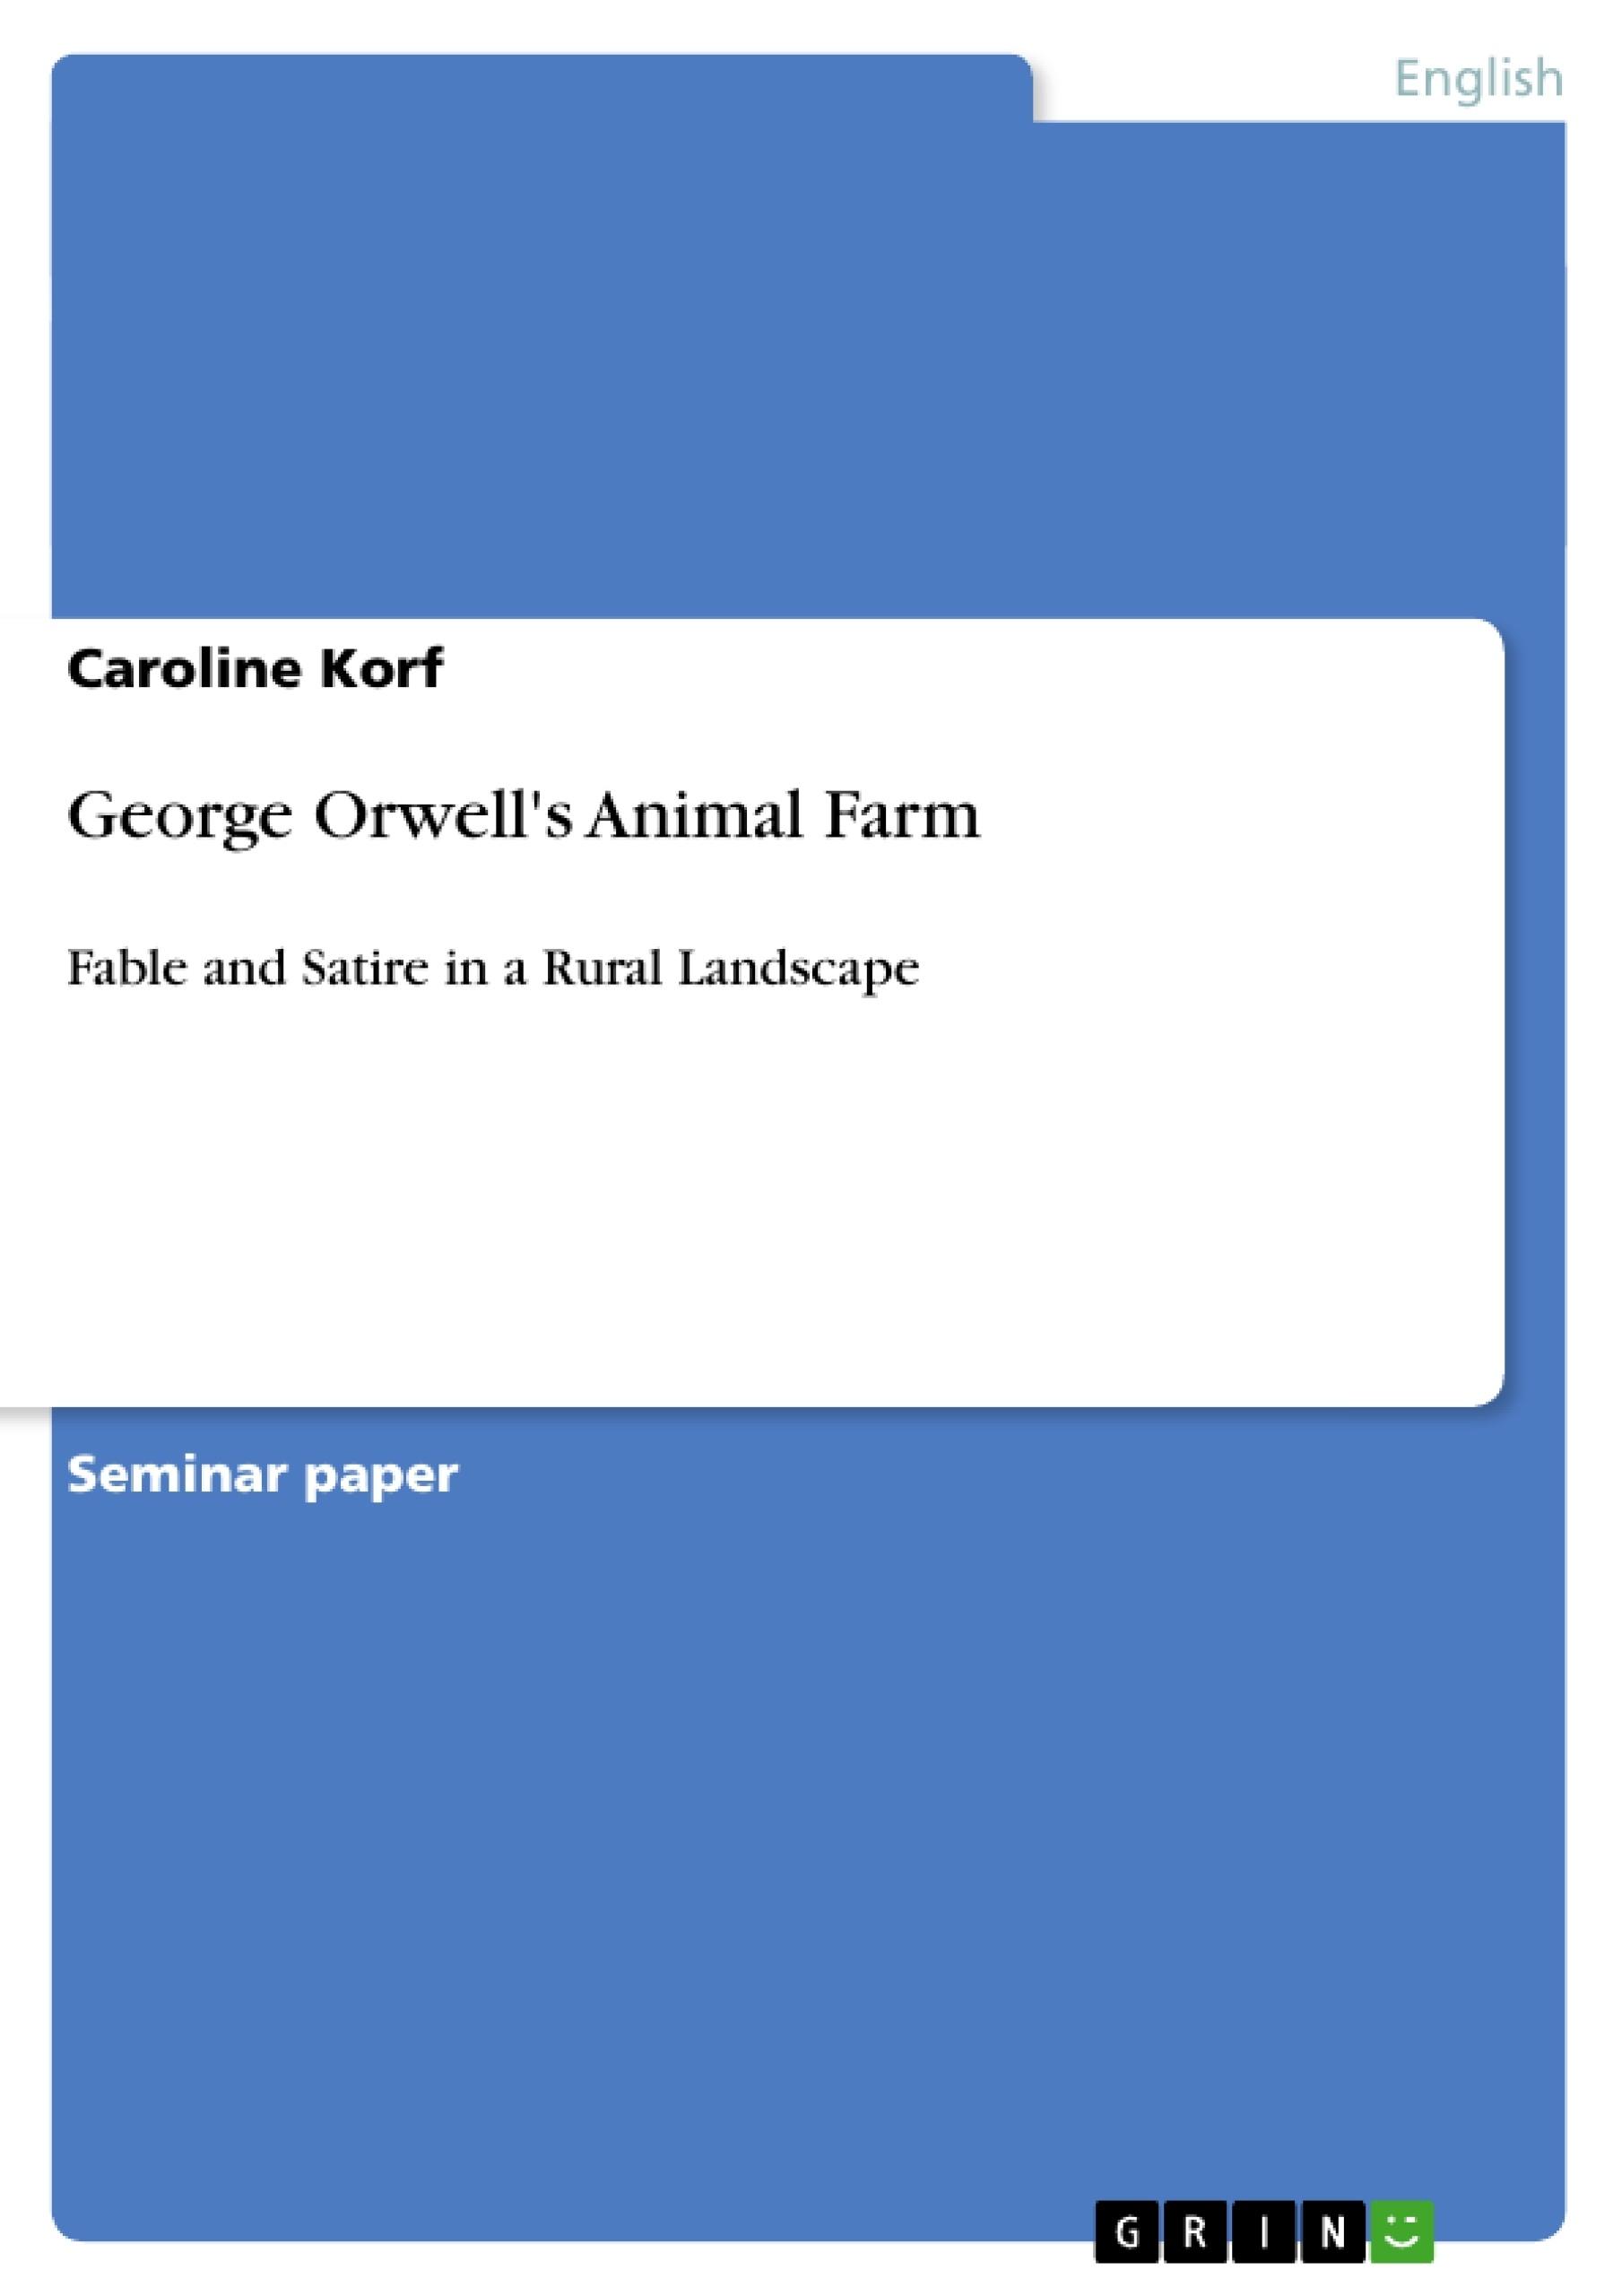 Title: George Orwell's Animal Farm